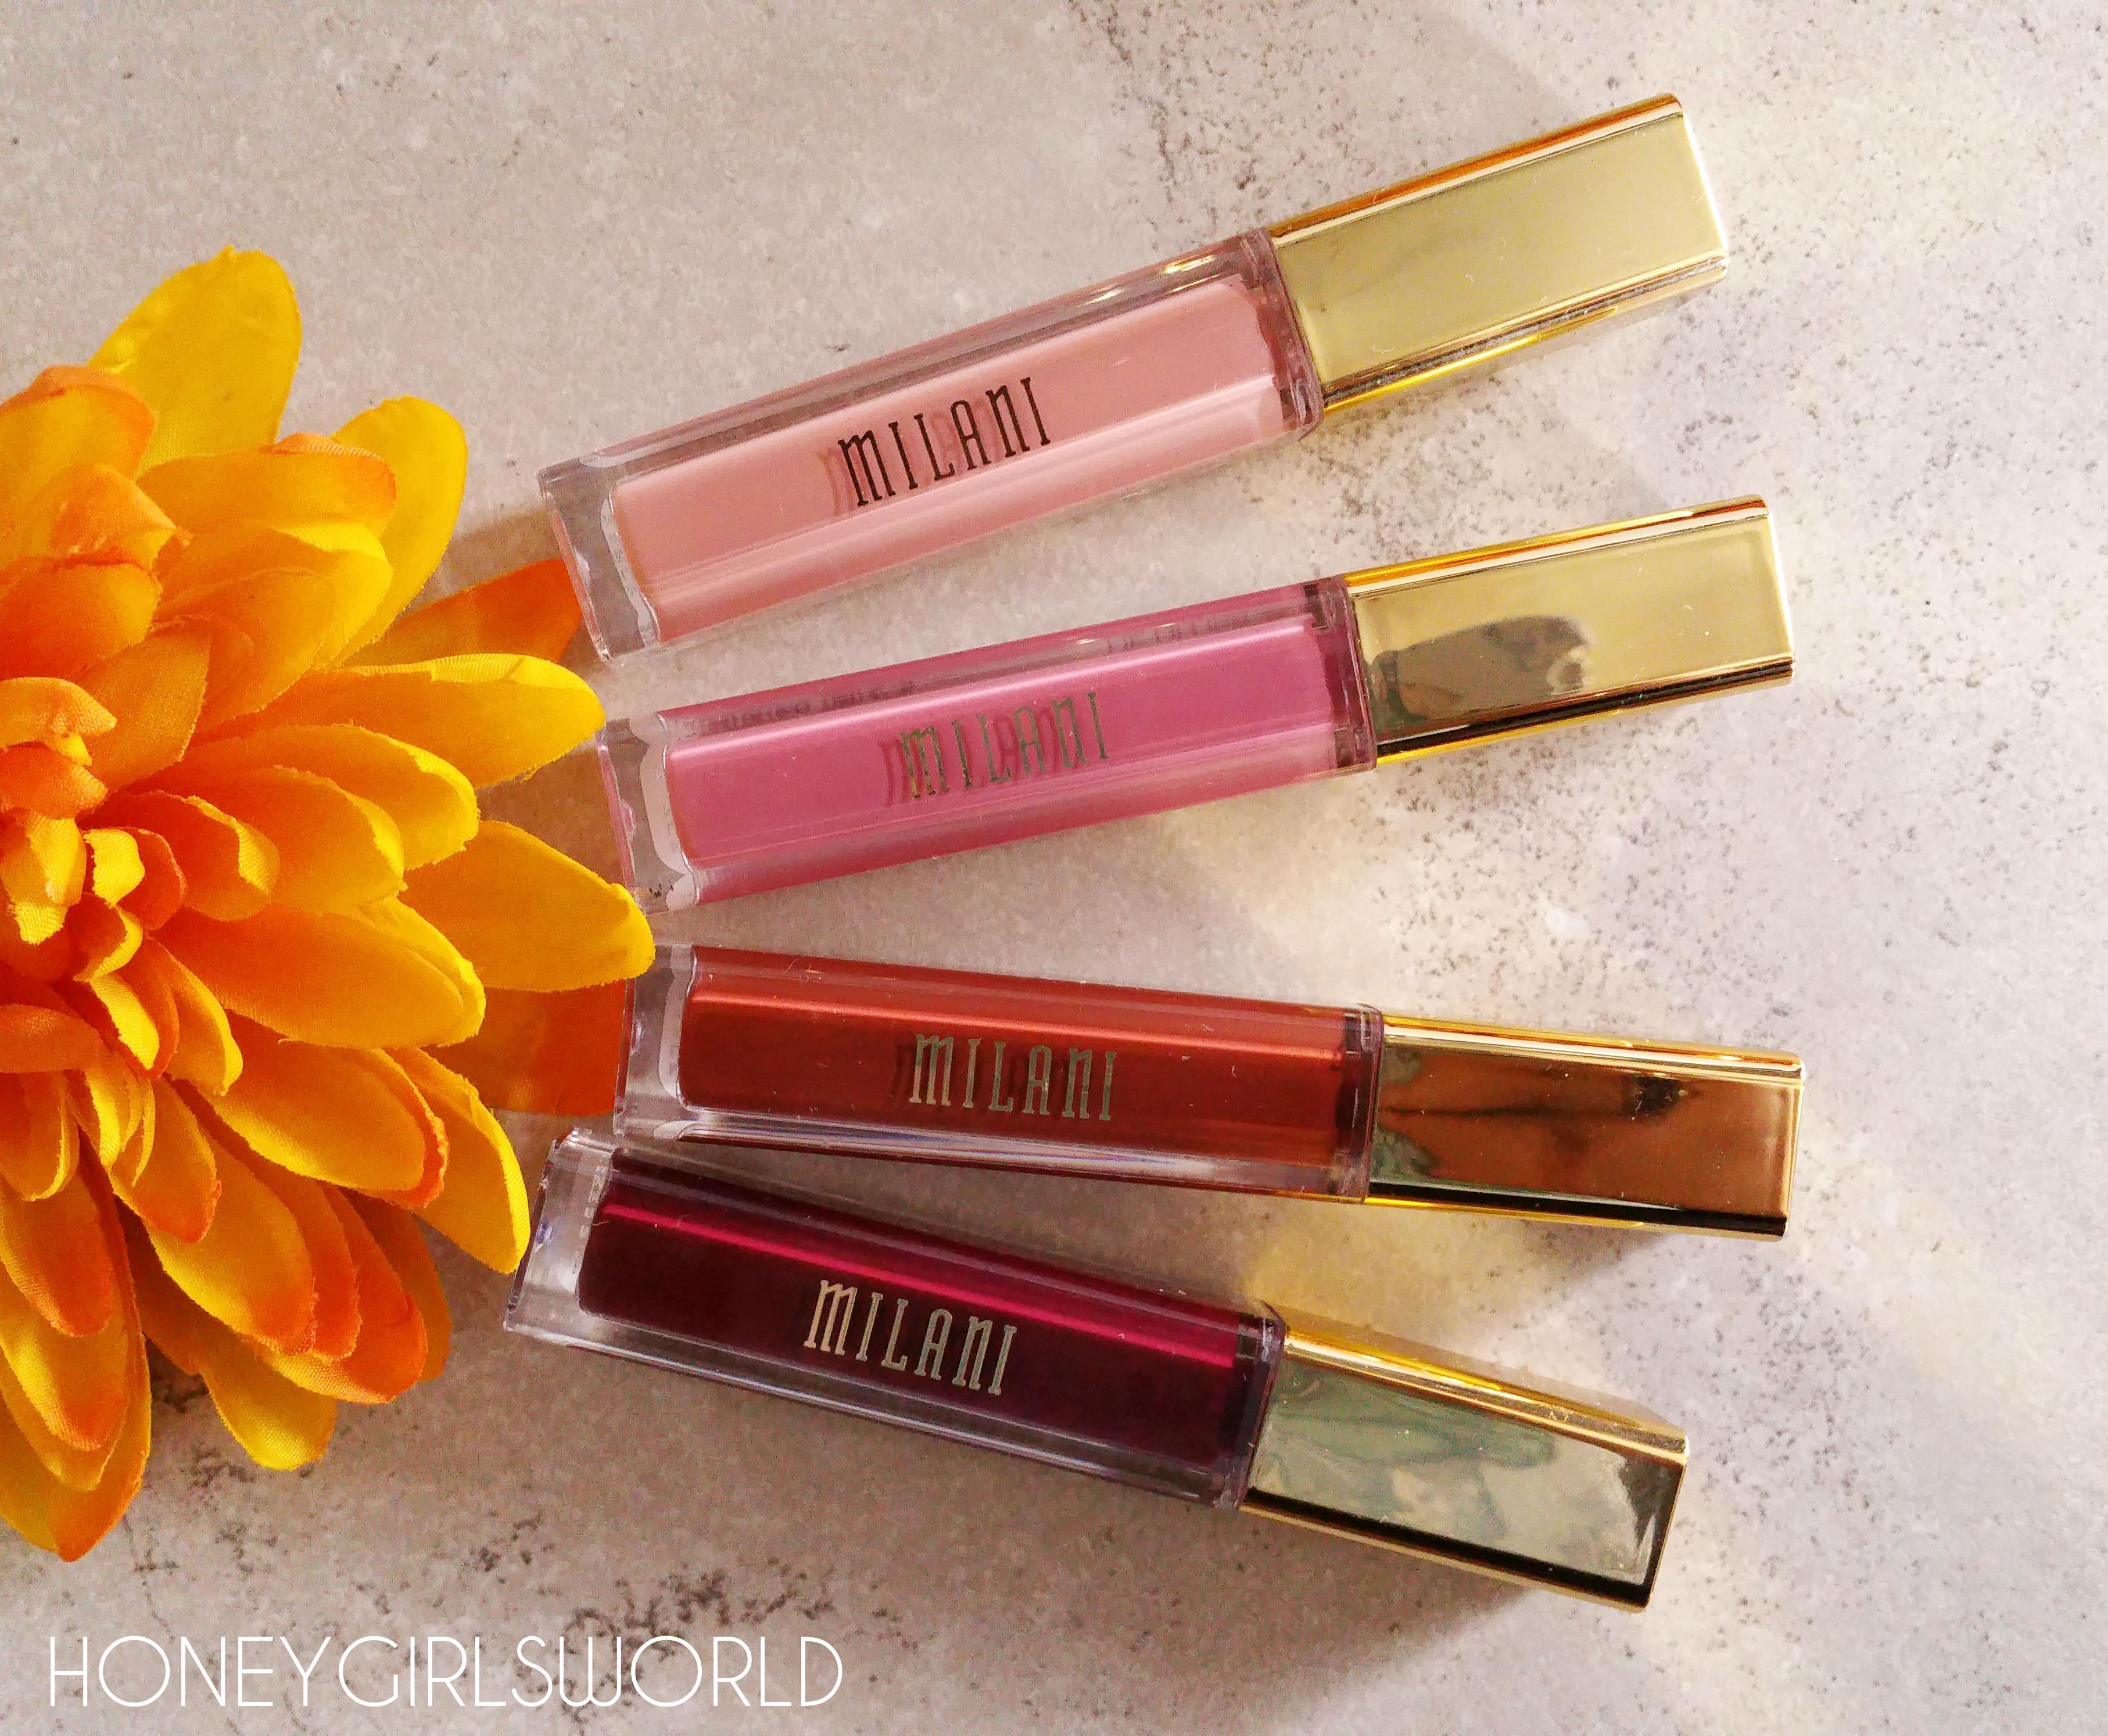 Milani Amore Matte Lip Creme - Liquid to Matte Lipsticks